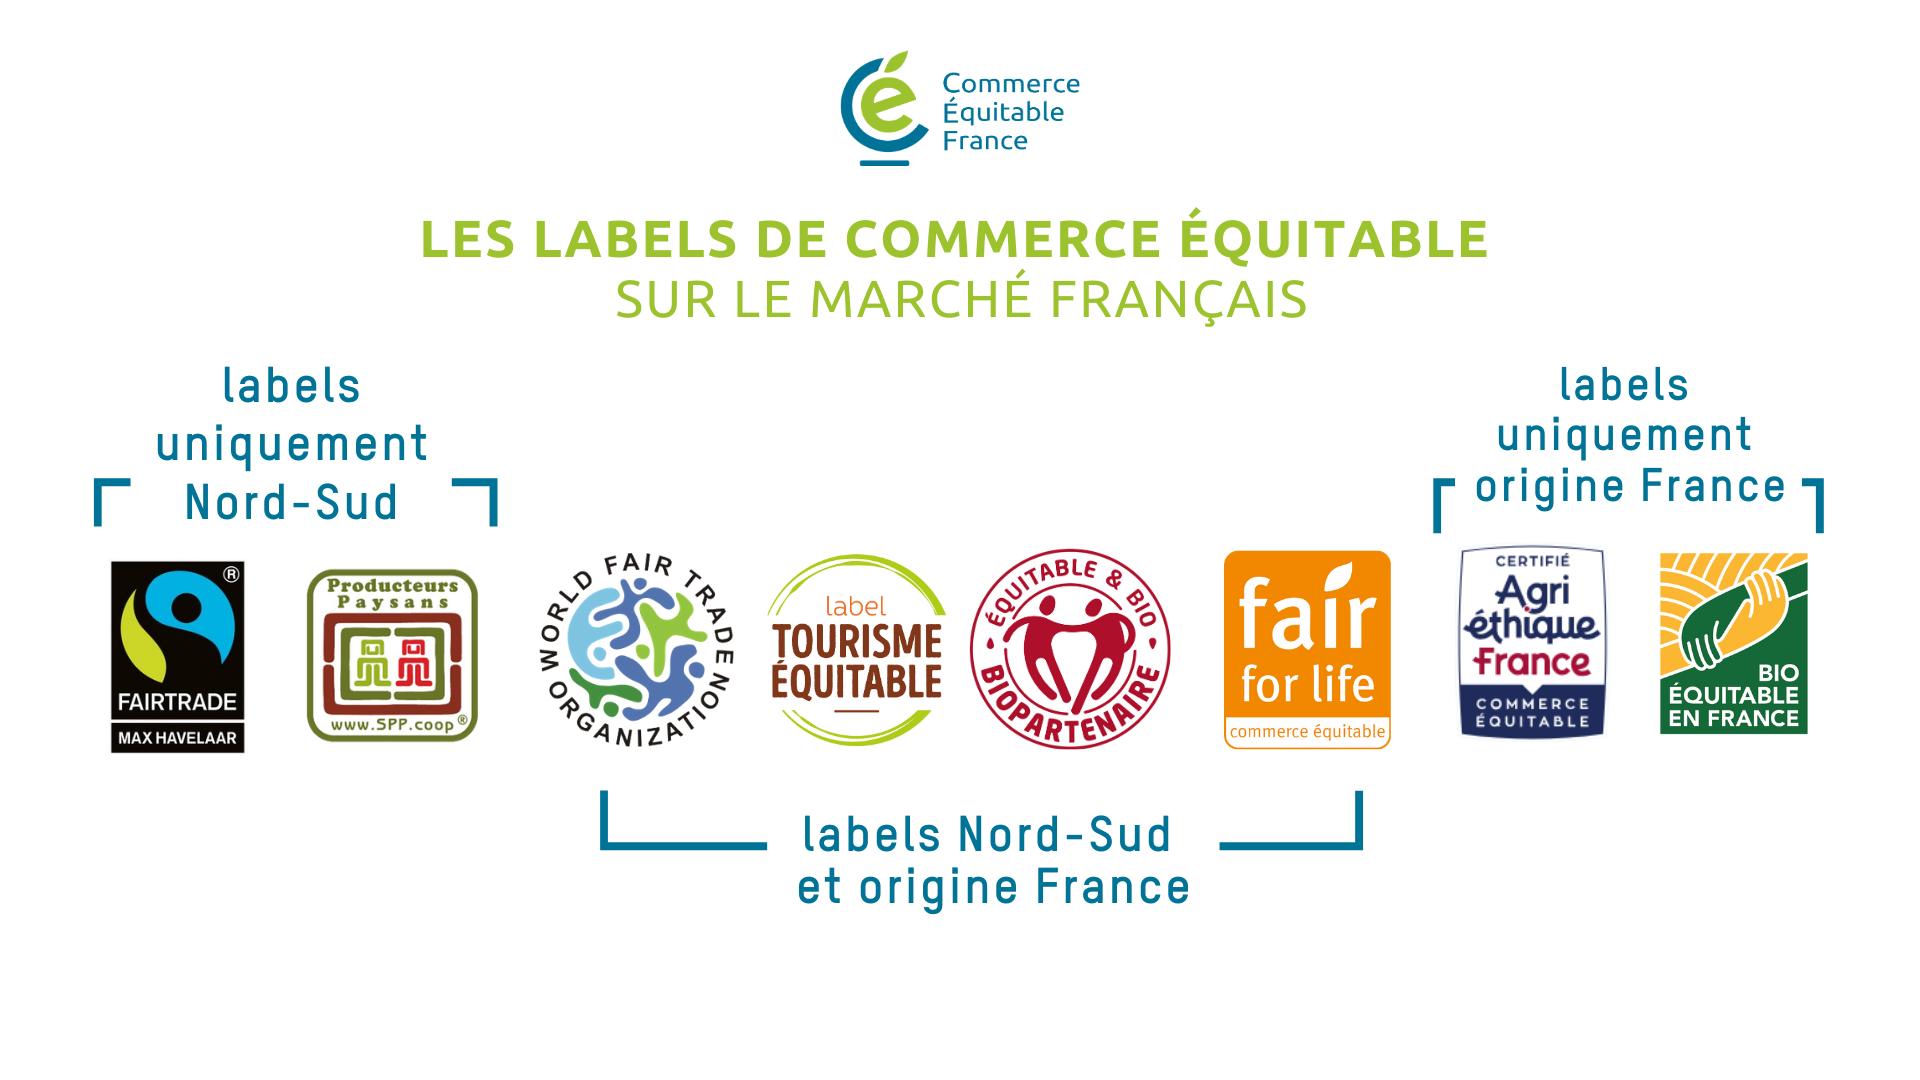 Les labels de commerce équitable